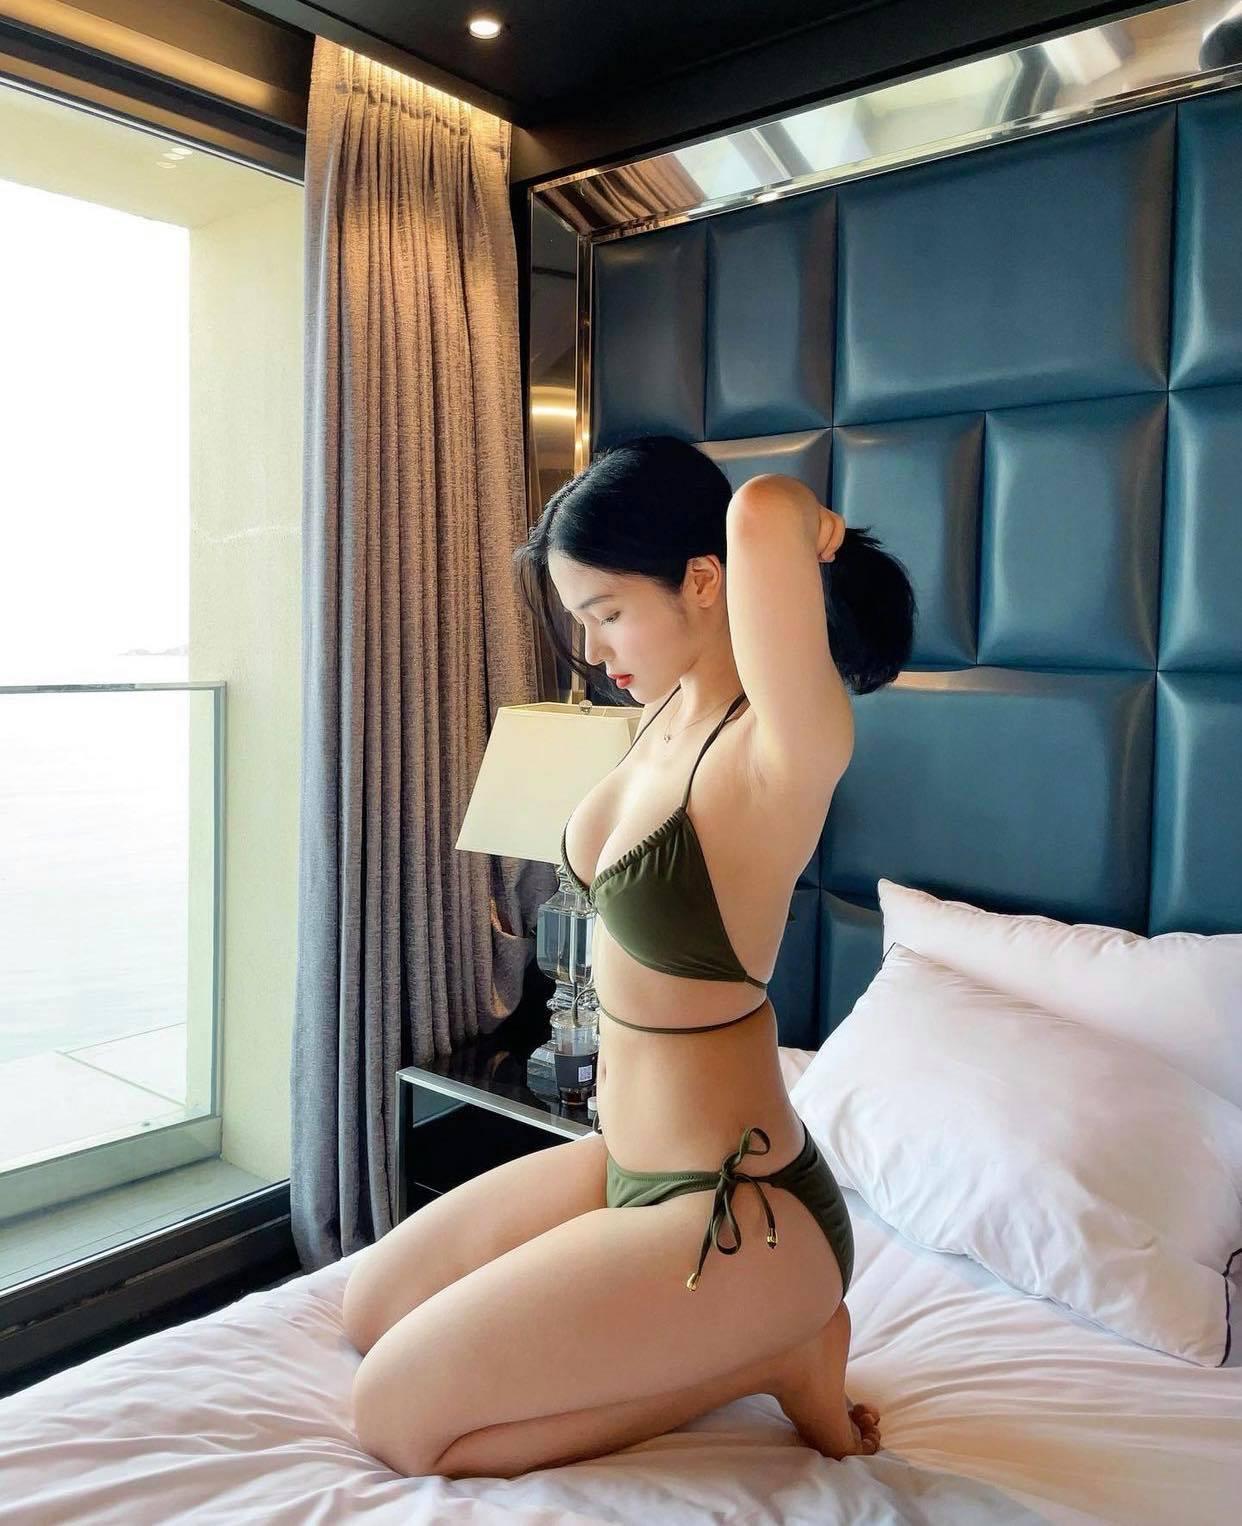 Nữ y tá xinh nhất Hàn Quốc quyết không giảm cân, giữ dáng tròn trịa - 1